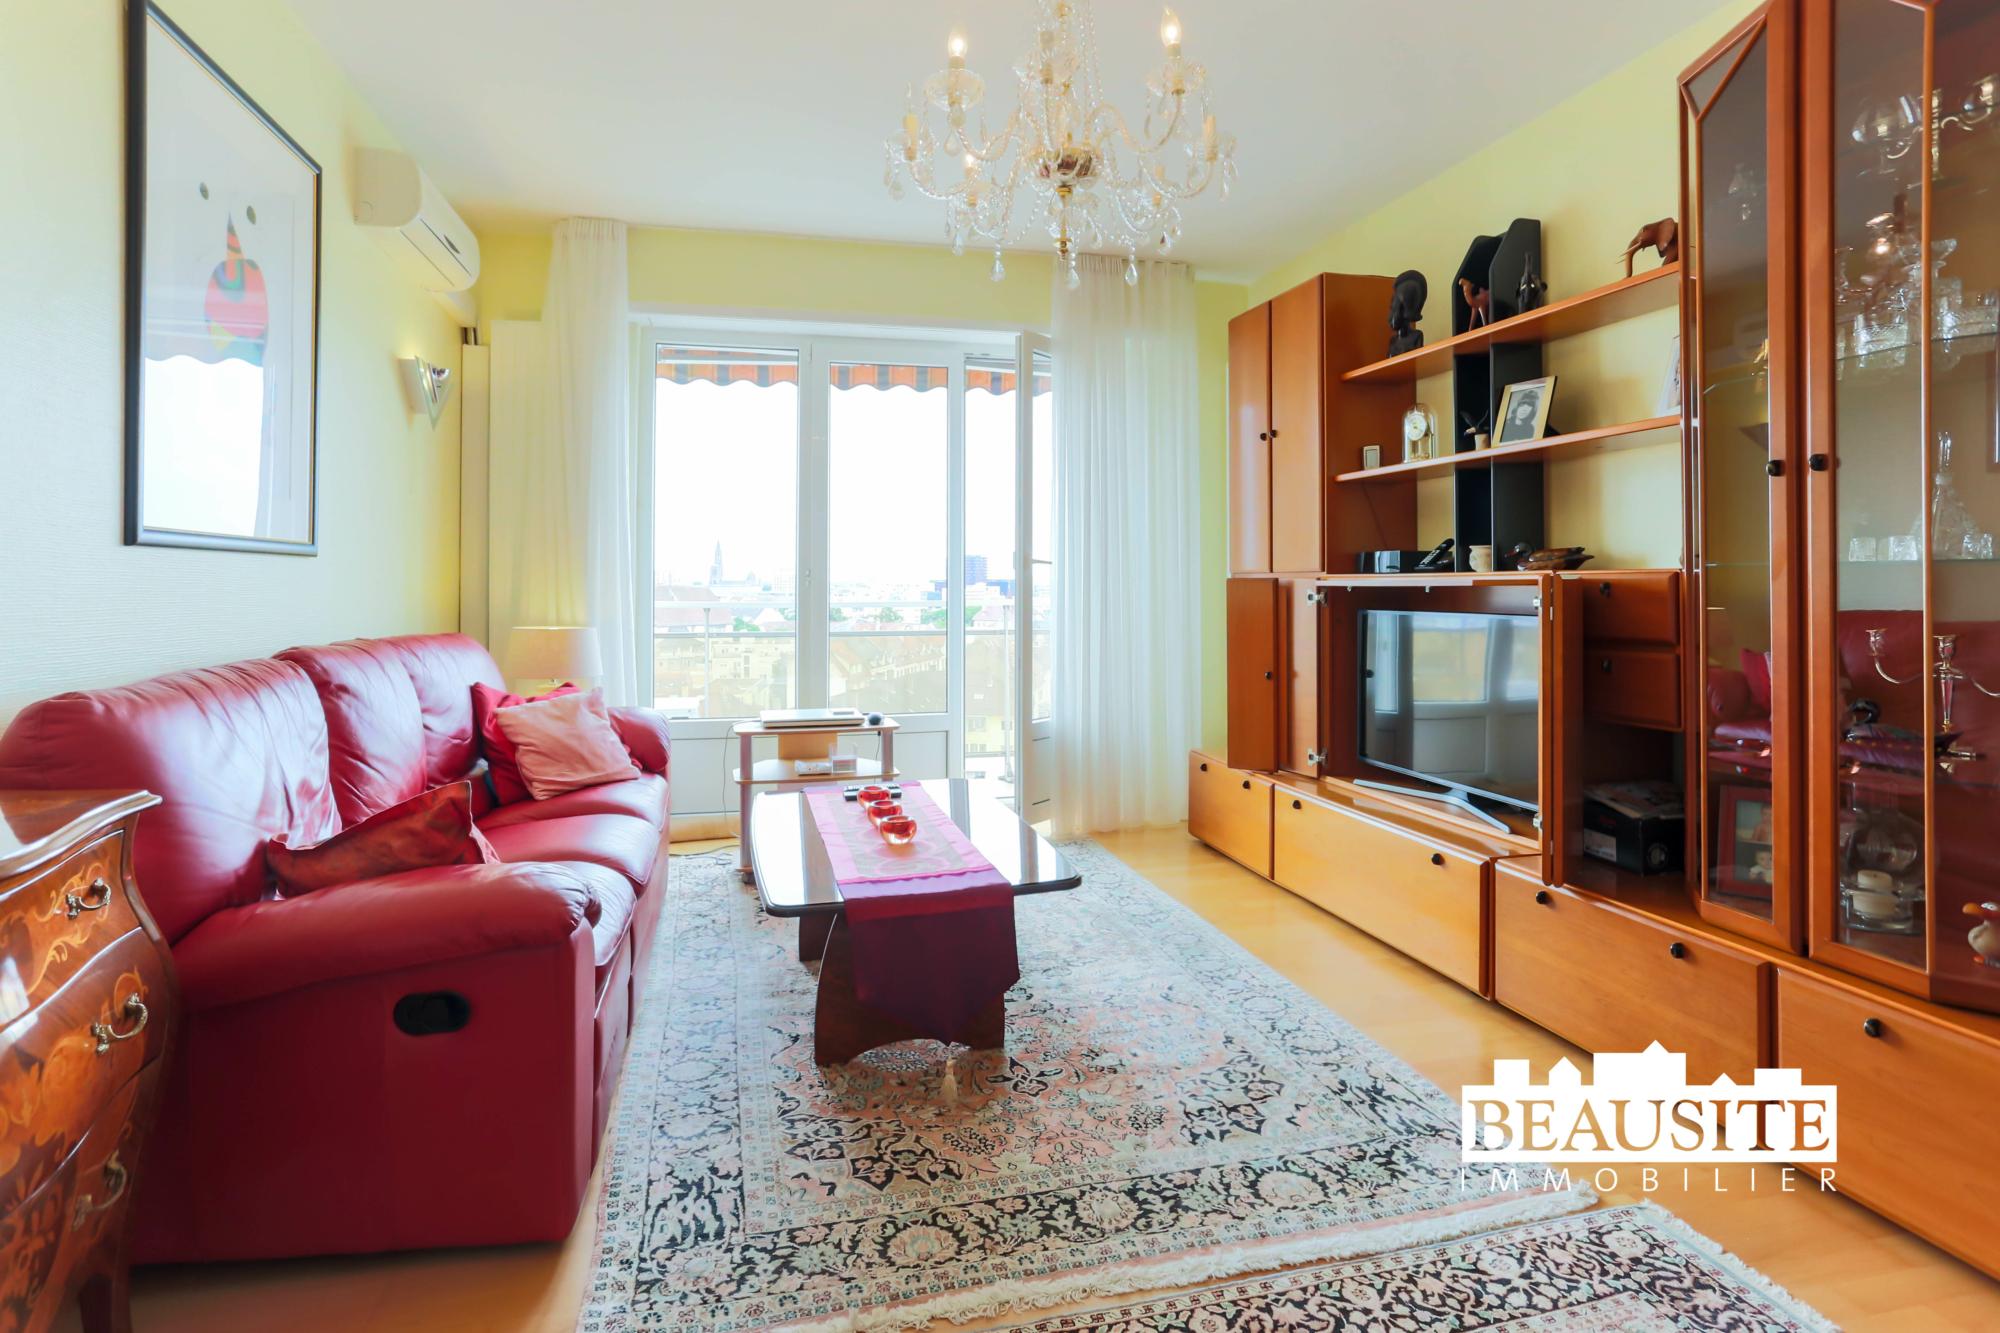 [Zénith] Spacieux 2 pièces au dernier étage - Neudorf / près de l'Avenue Jean Jaurès - nos ventes - Beausite Immobilier 2